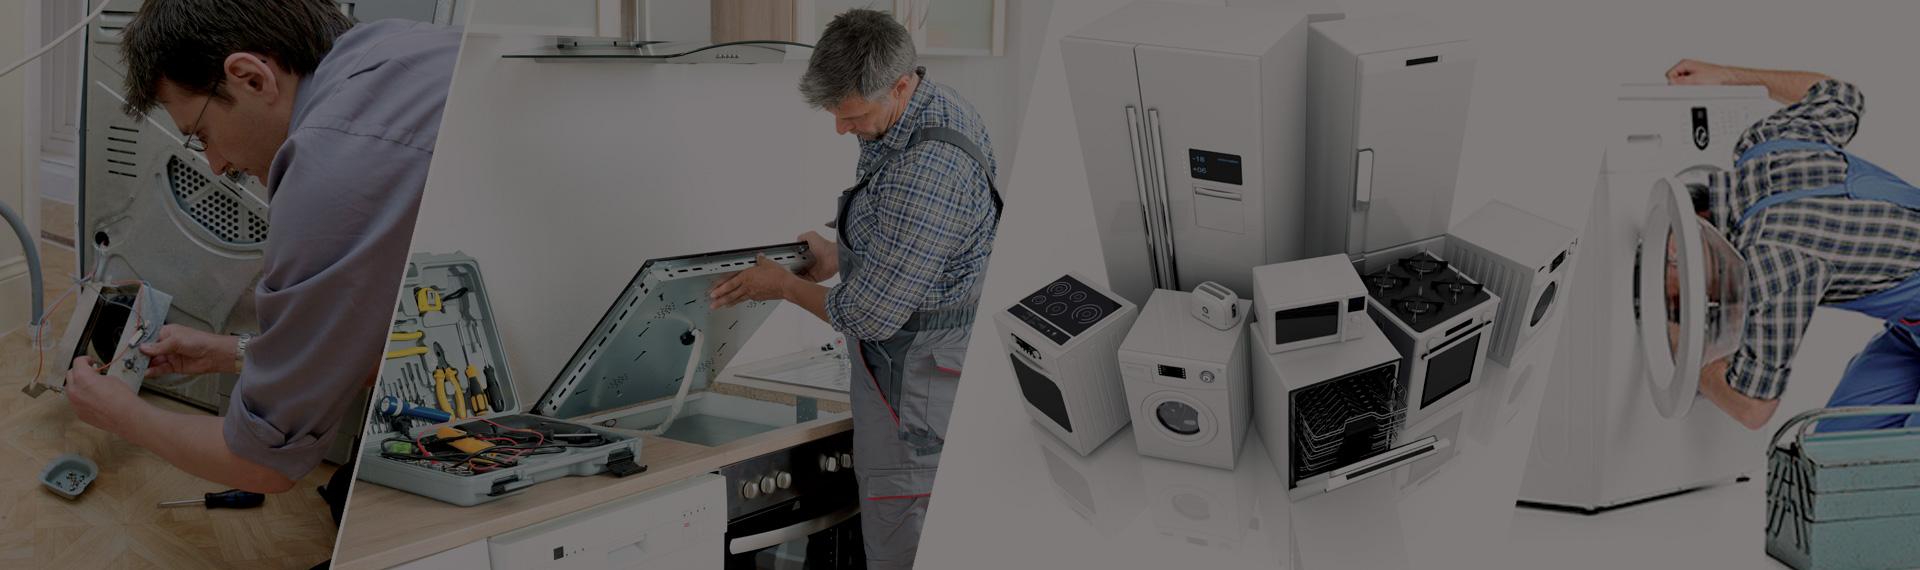 Teckrom Appliance Repair Imperial Beach CA